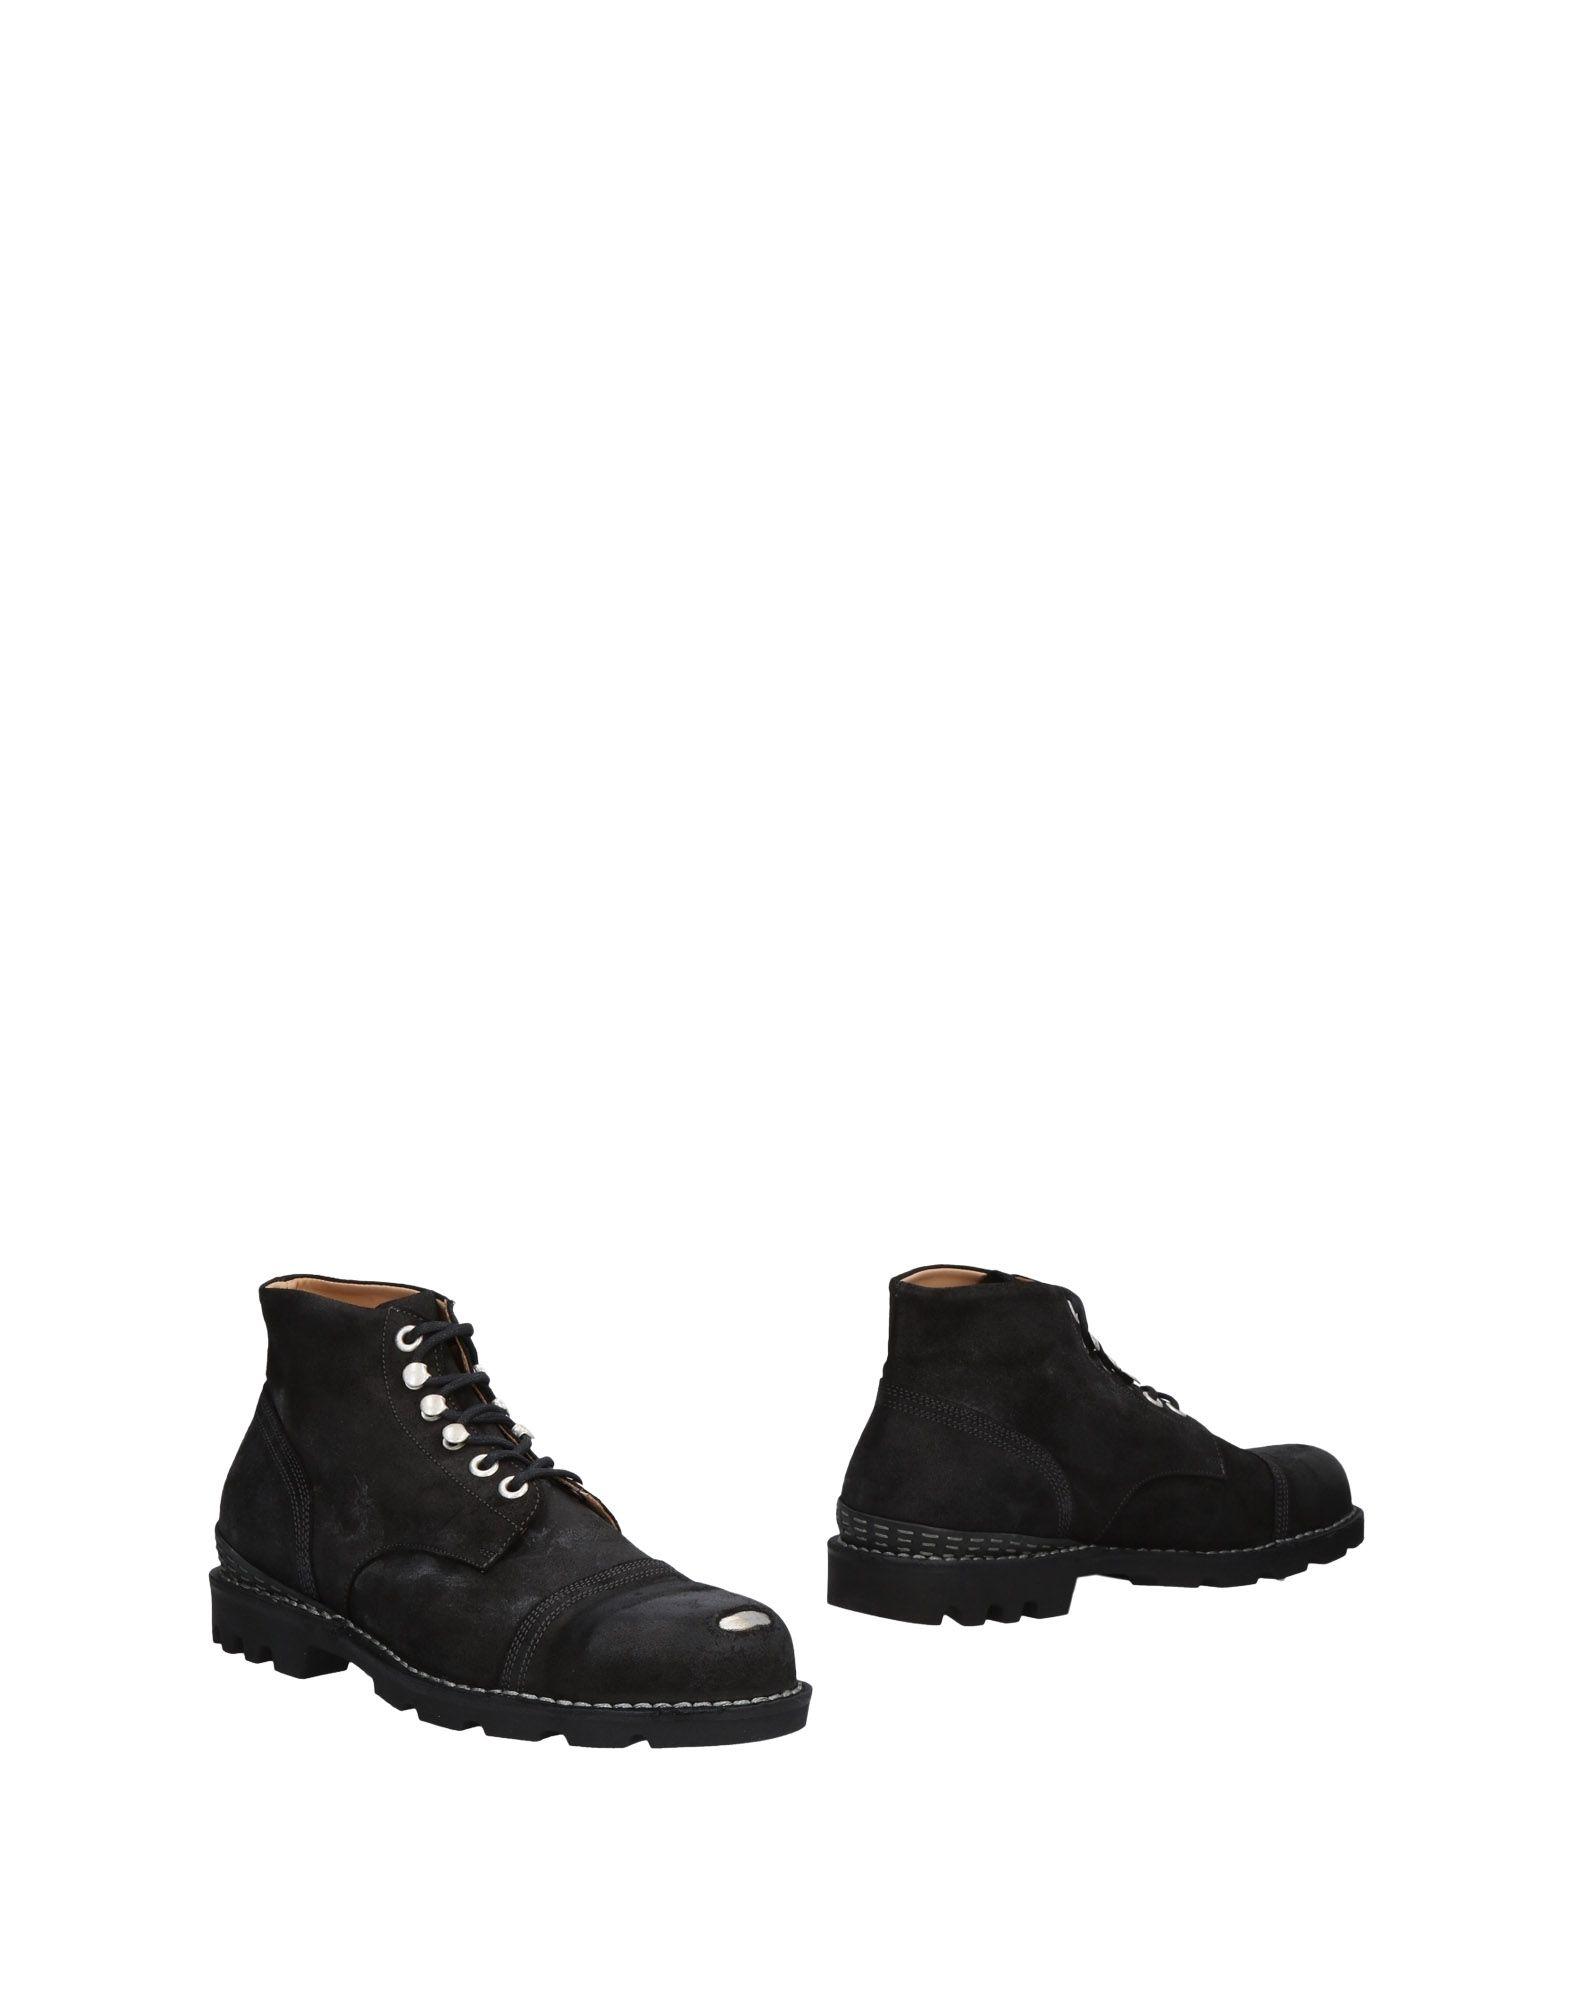 Diesel Stiefelette Herren  11495399ME Gute Qualität beliebte Schuhe